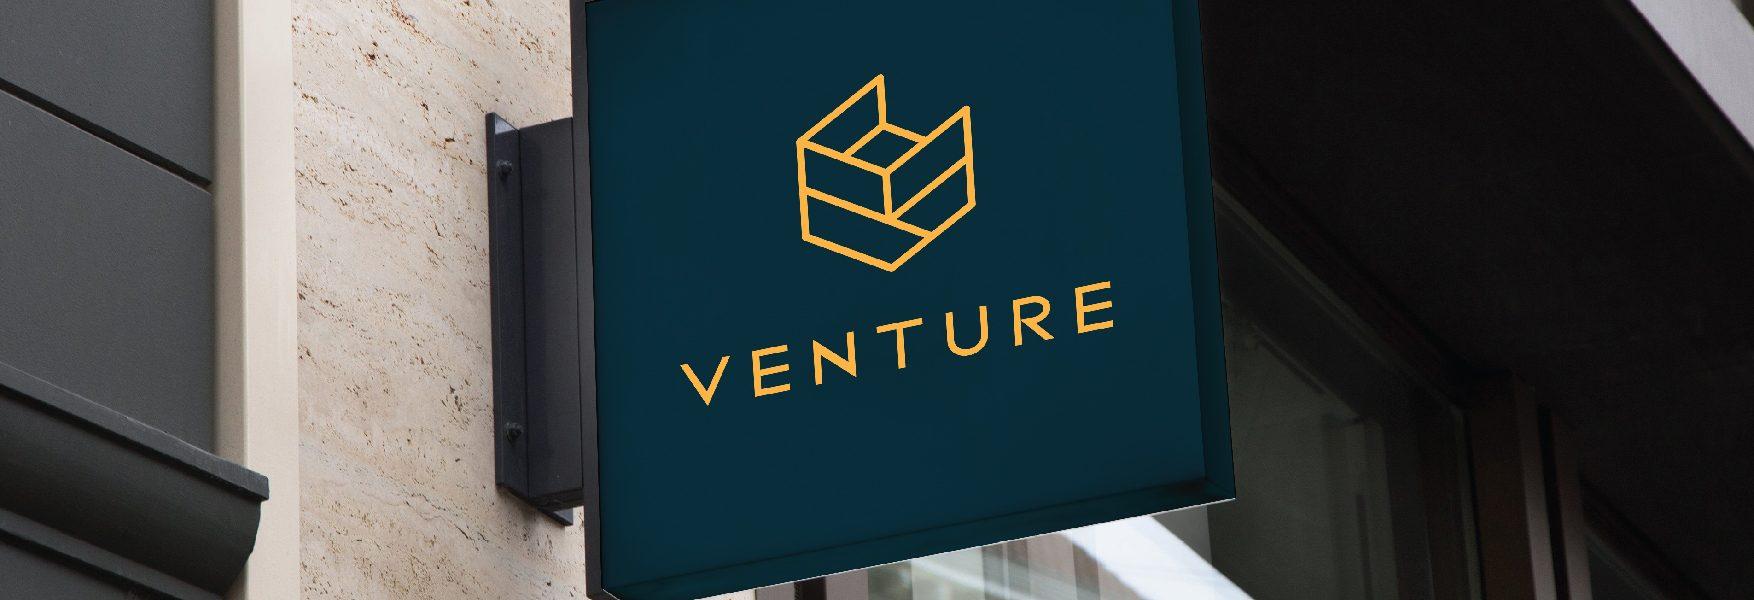 Venture Branding-01-06